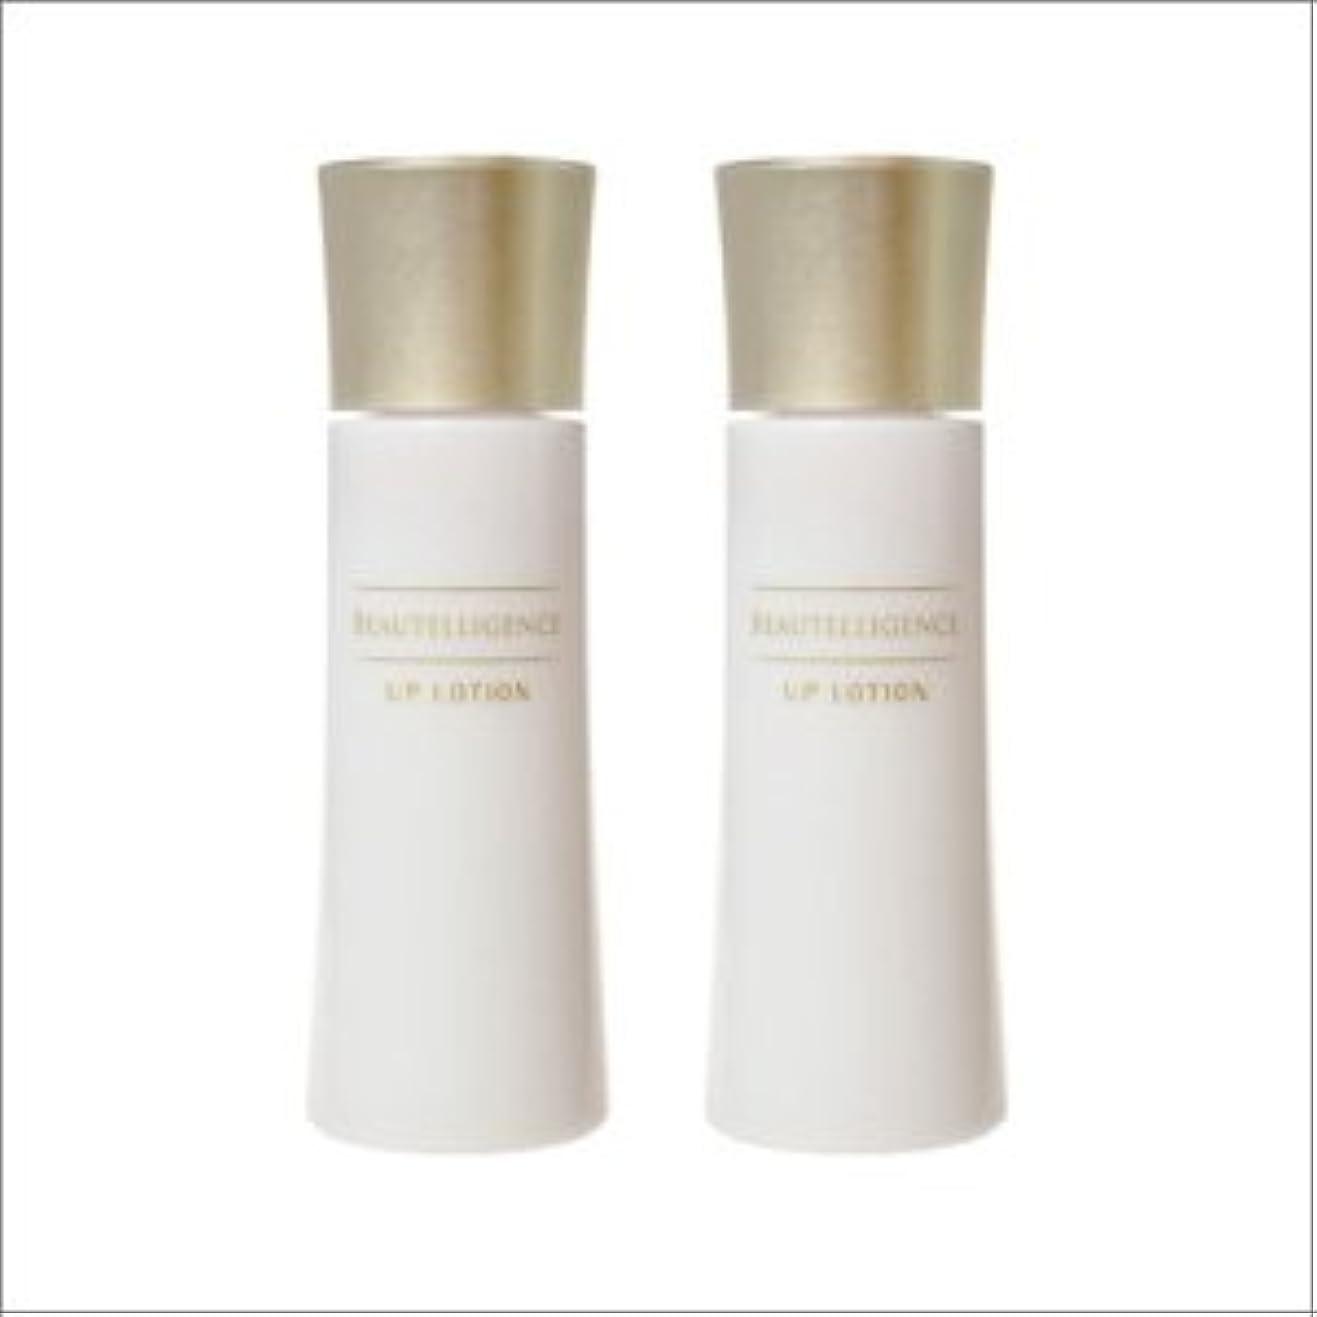 顎動揺させるうめき2本セット アップローション ひきしめ 化粧水 美容液 ハリ NEWA オシリフト グリシルグリシンエイジングケア